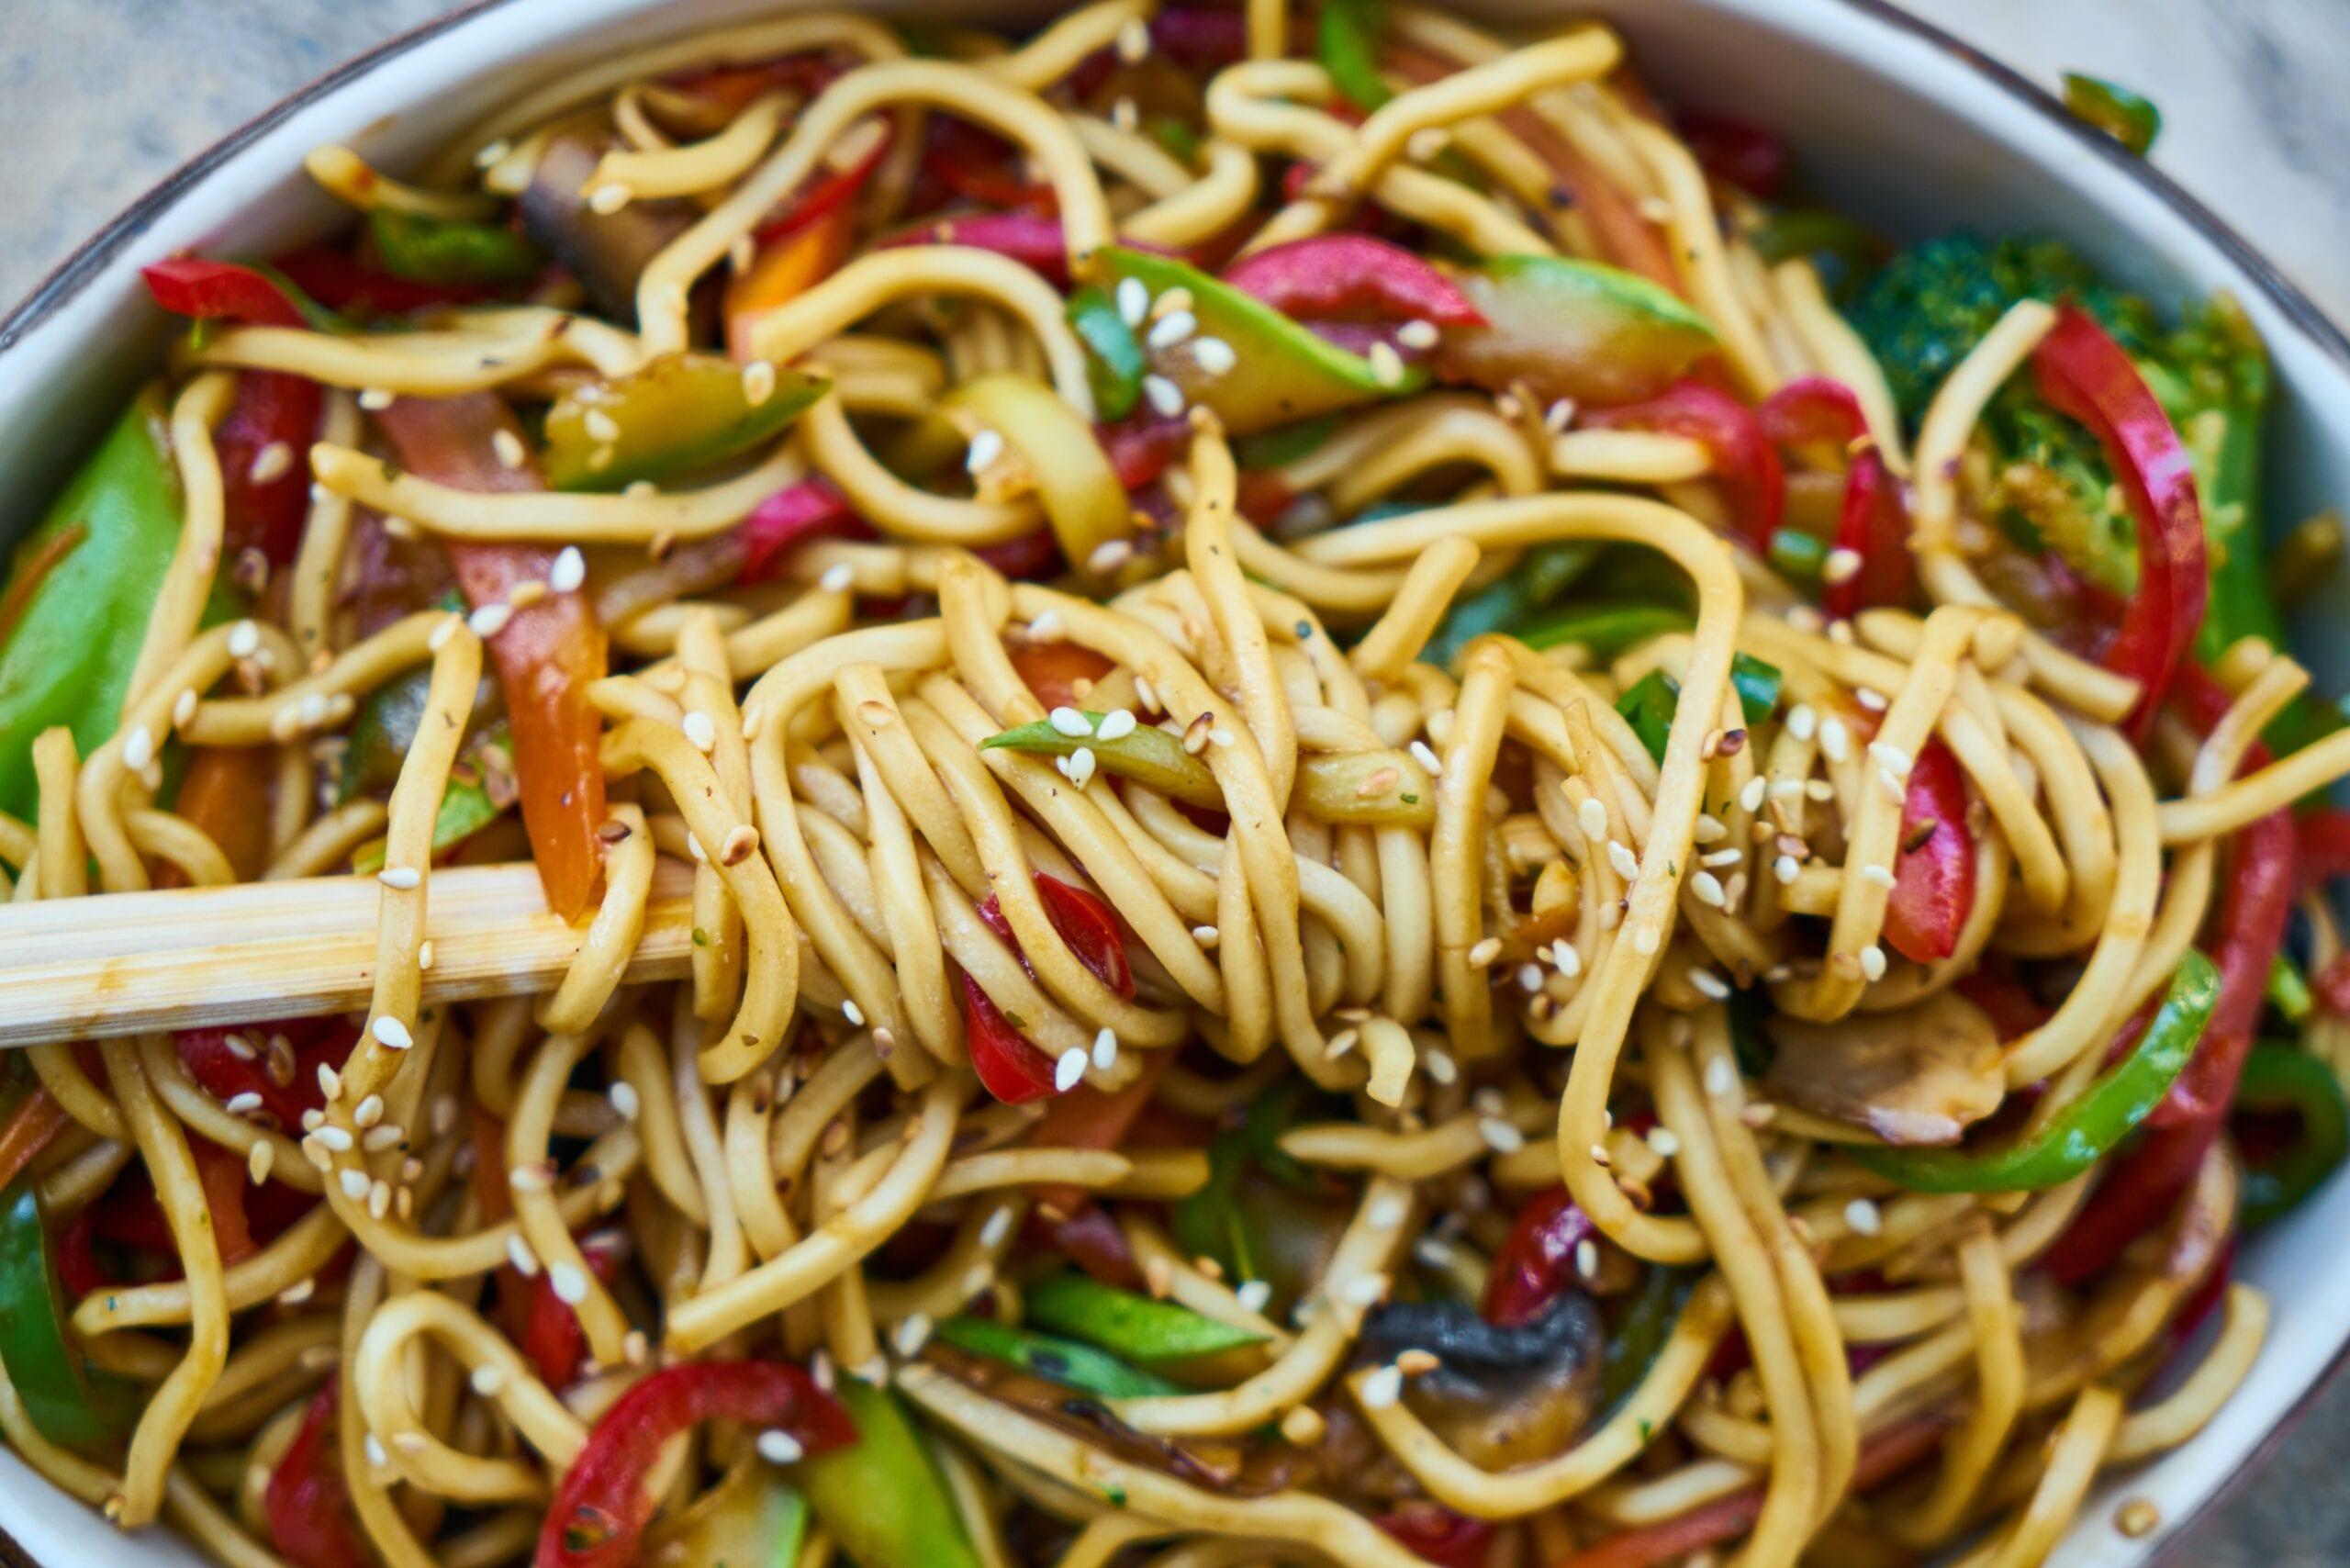 Vegetar kokebok: Topp 5 vegetar-kokebøker